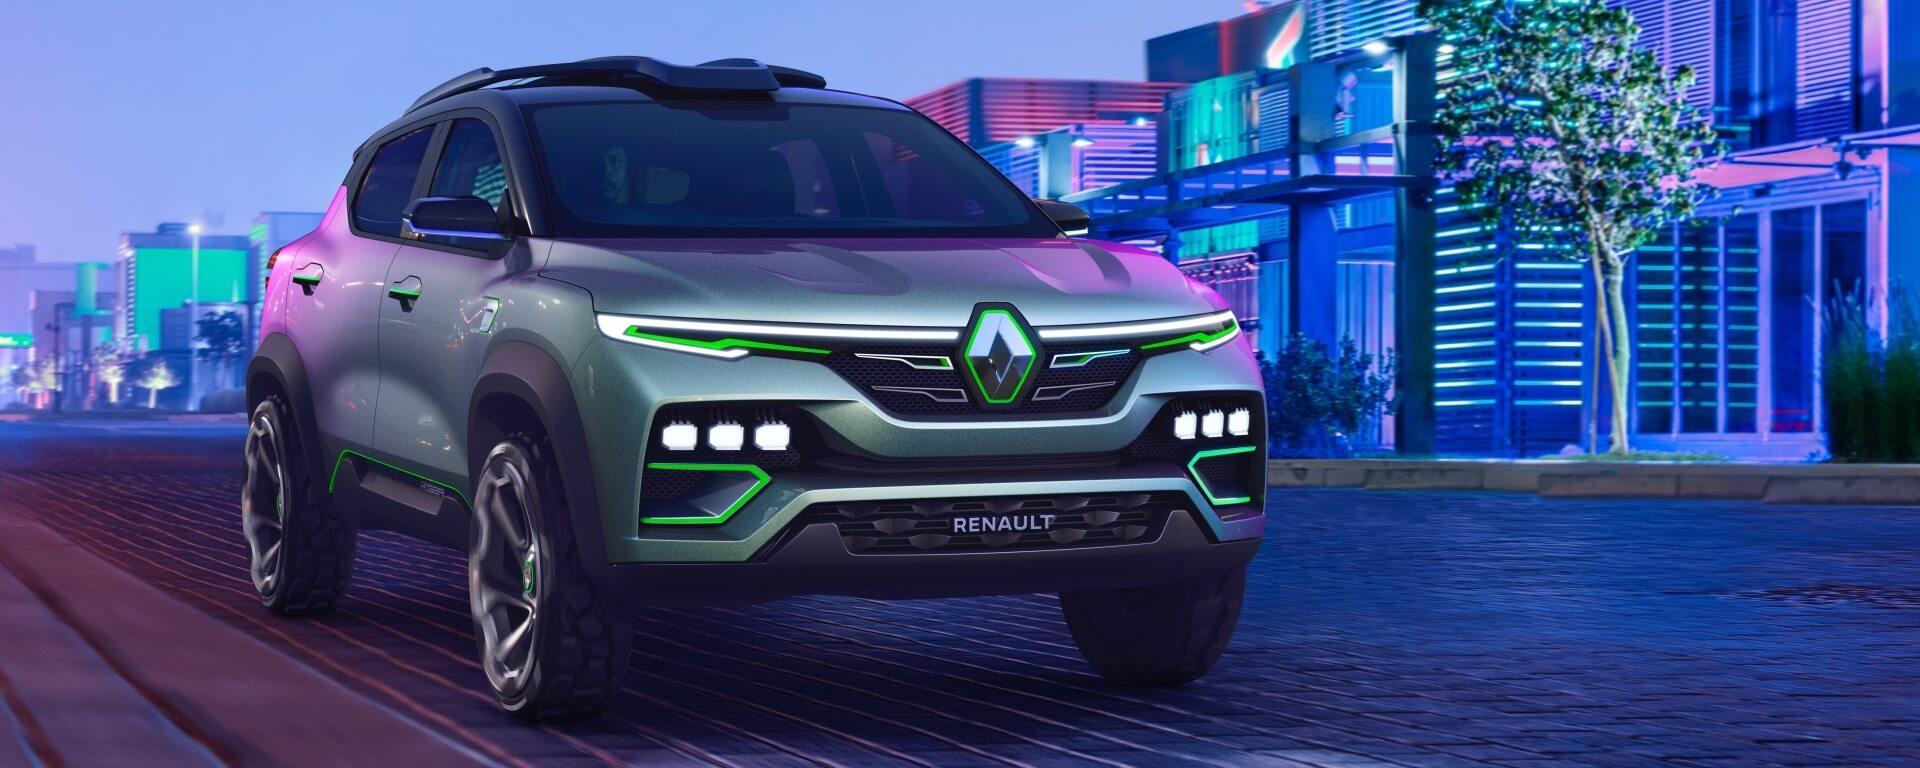 Renault Kinger